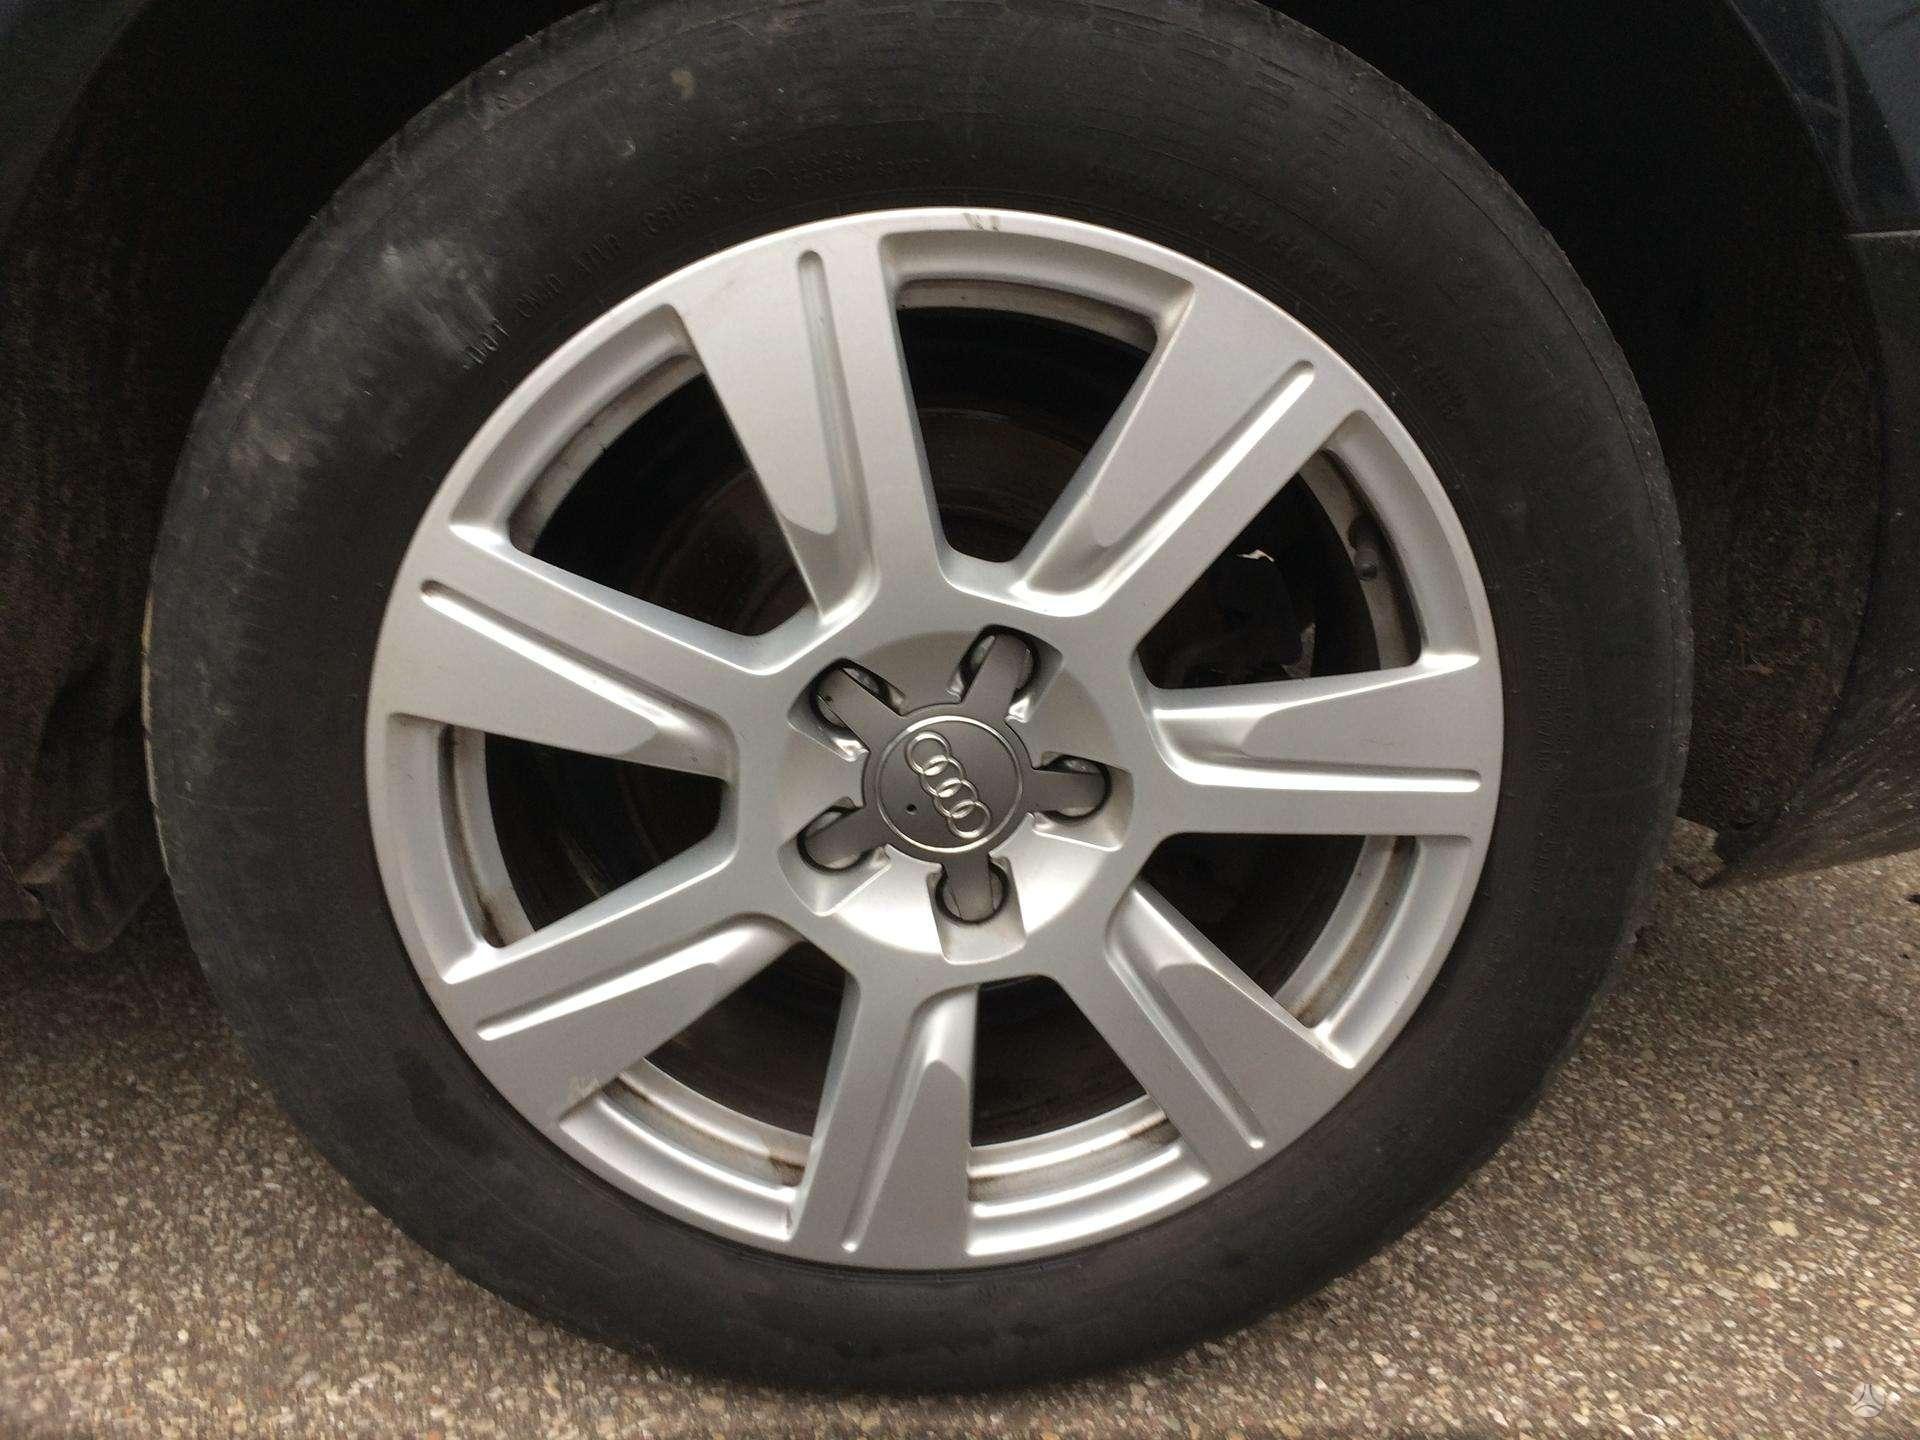 Audi A4 A6 R17 Ratlankiai 60€ / vnt